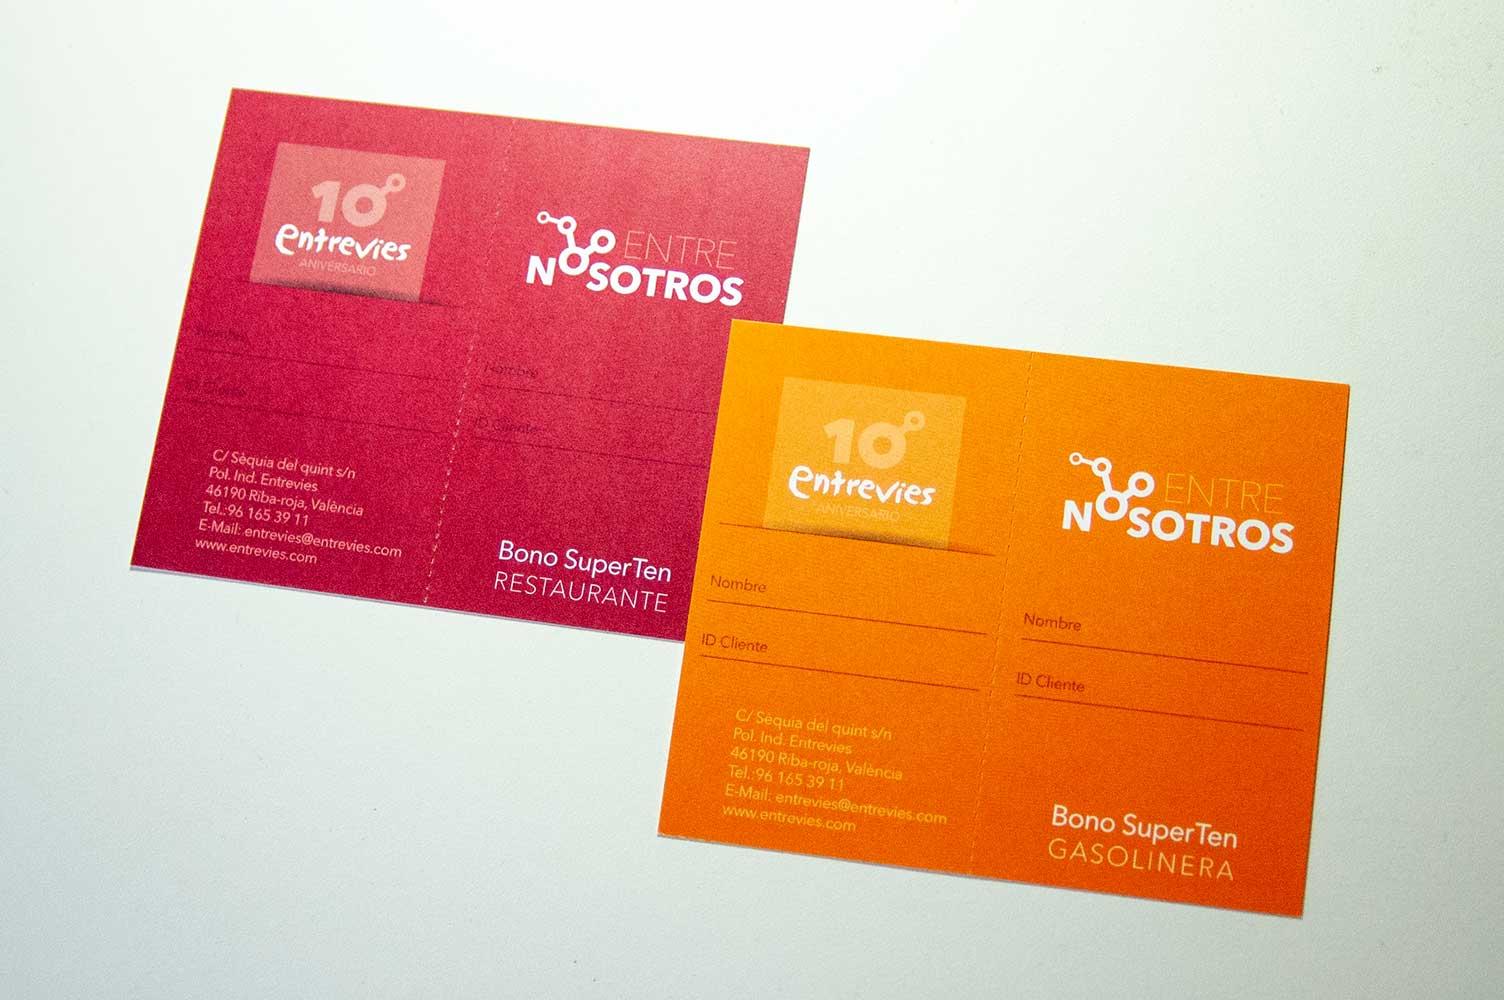 Bonos promocionales EntreNosotros